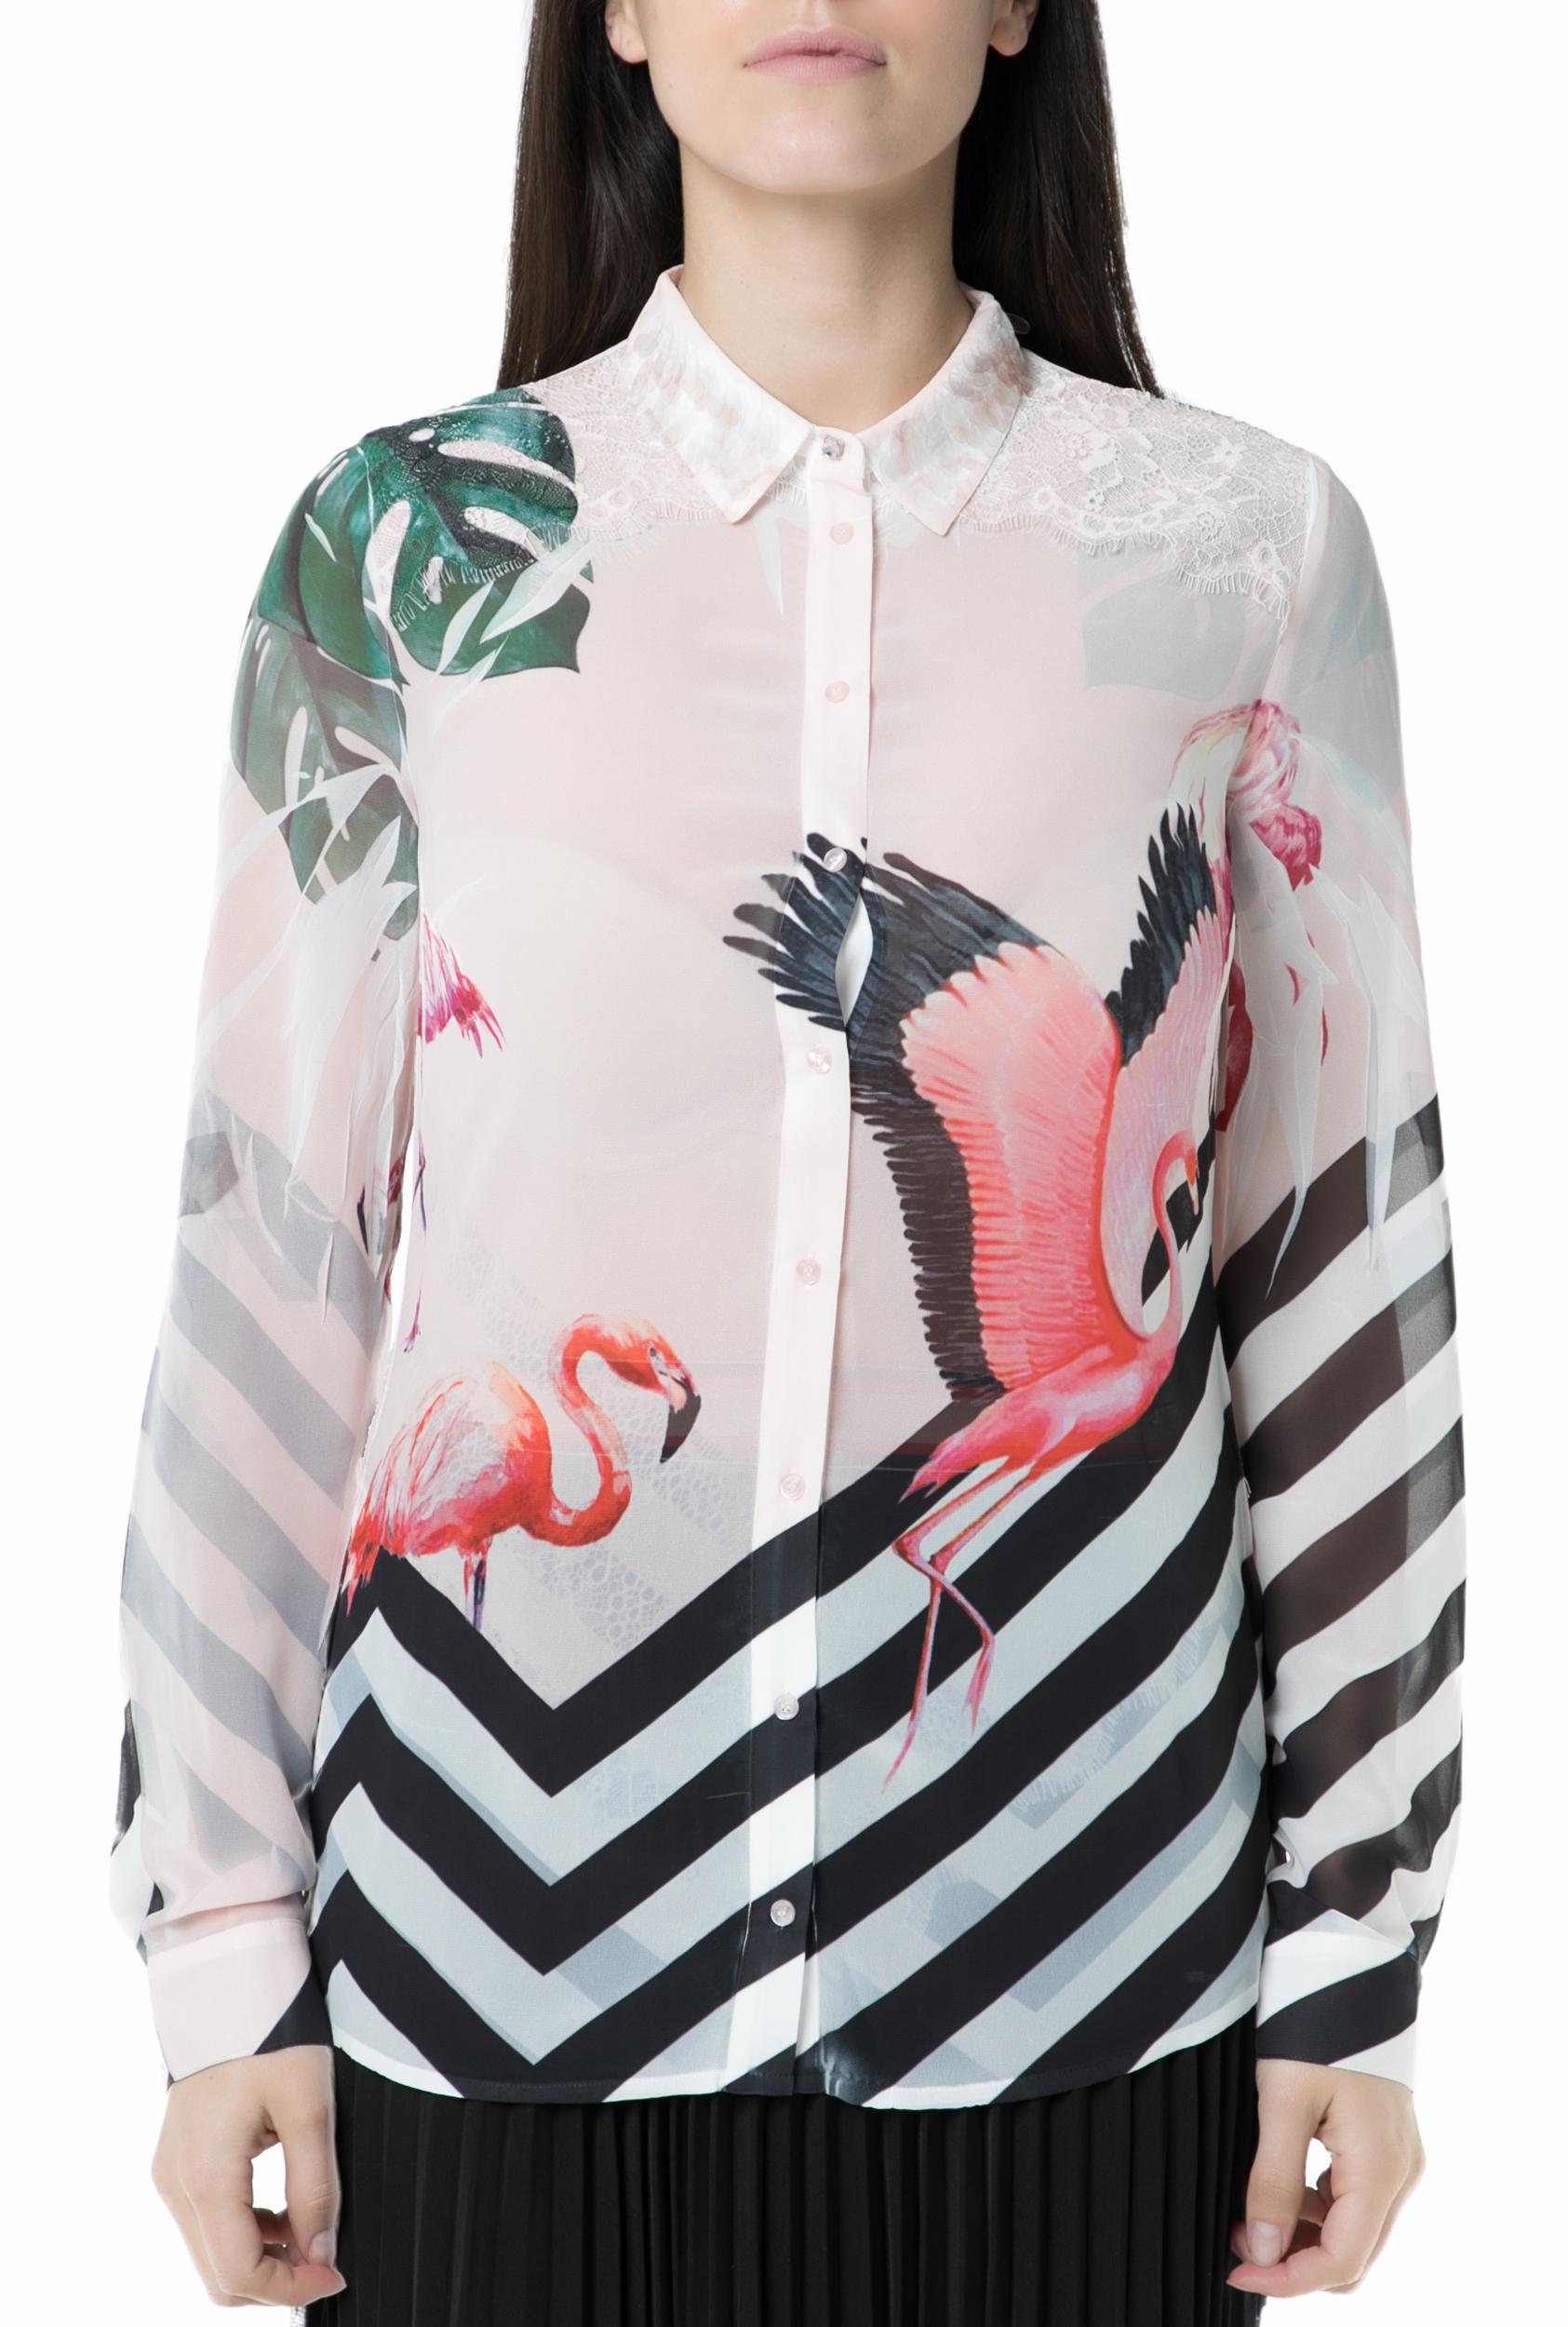 394ba5cc66 GUESS - Γυναικείο πουκάμισο GUESS με μοτίβο